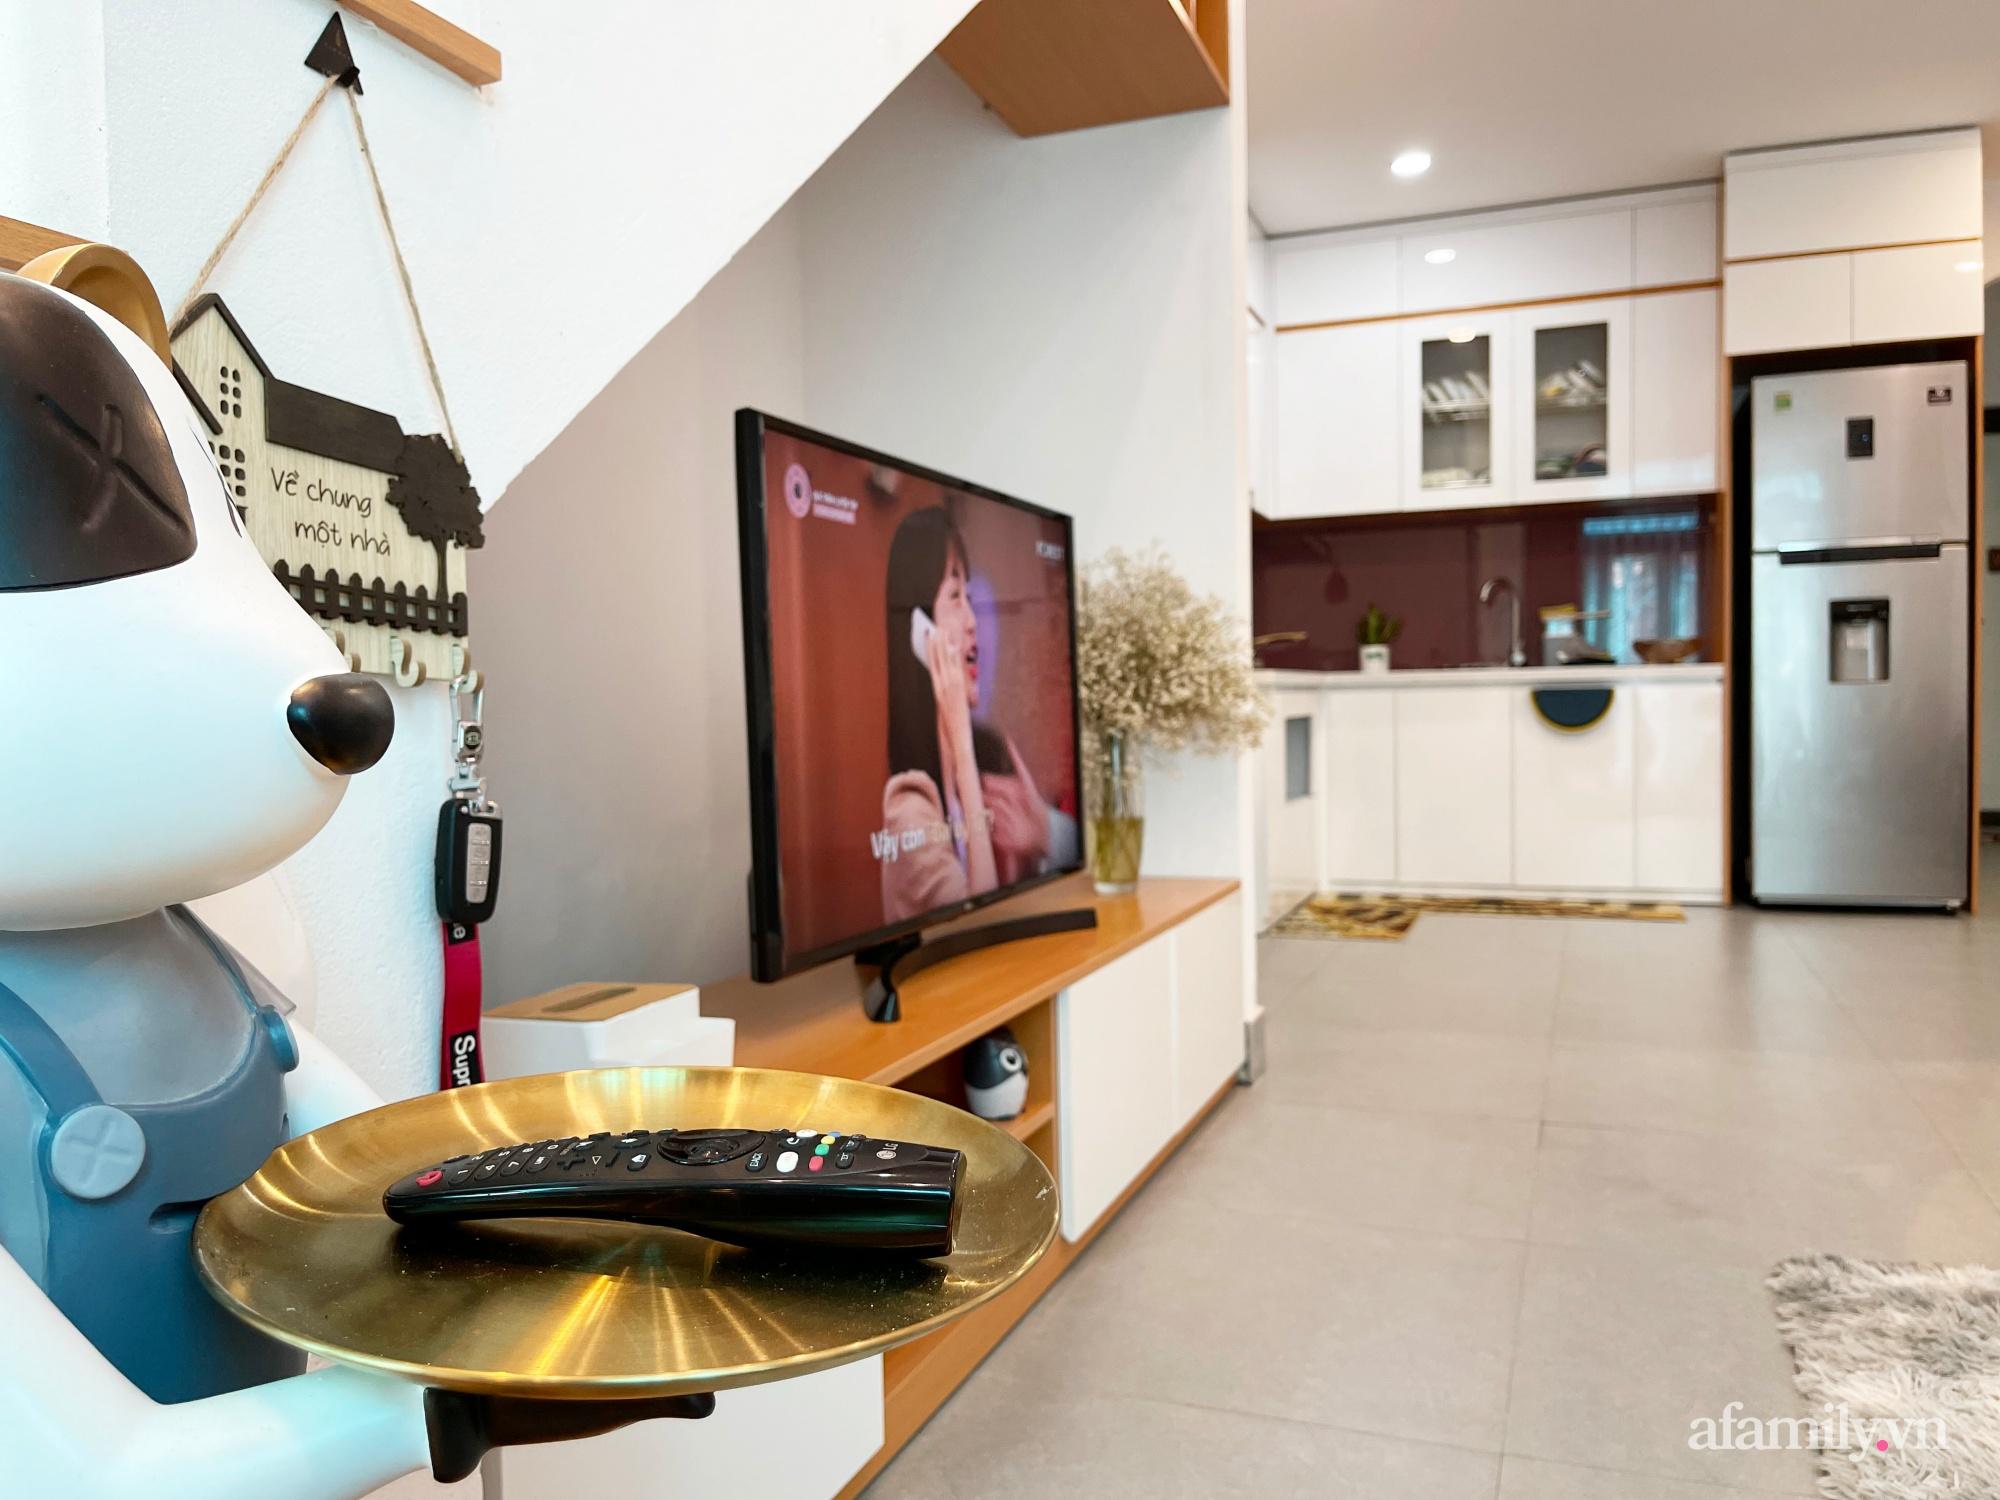 Căn nhà 58m2 được xây dựng đầy đủ chức năng hiện đại của cặp vợ chồng Bắc Ninh có tổng lương 25 triệu/tháng - Ảnh 4.